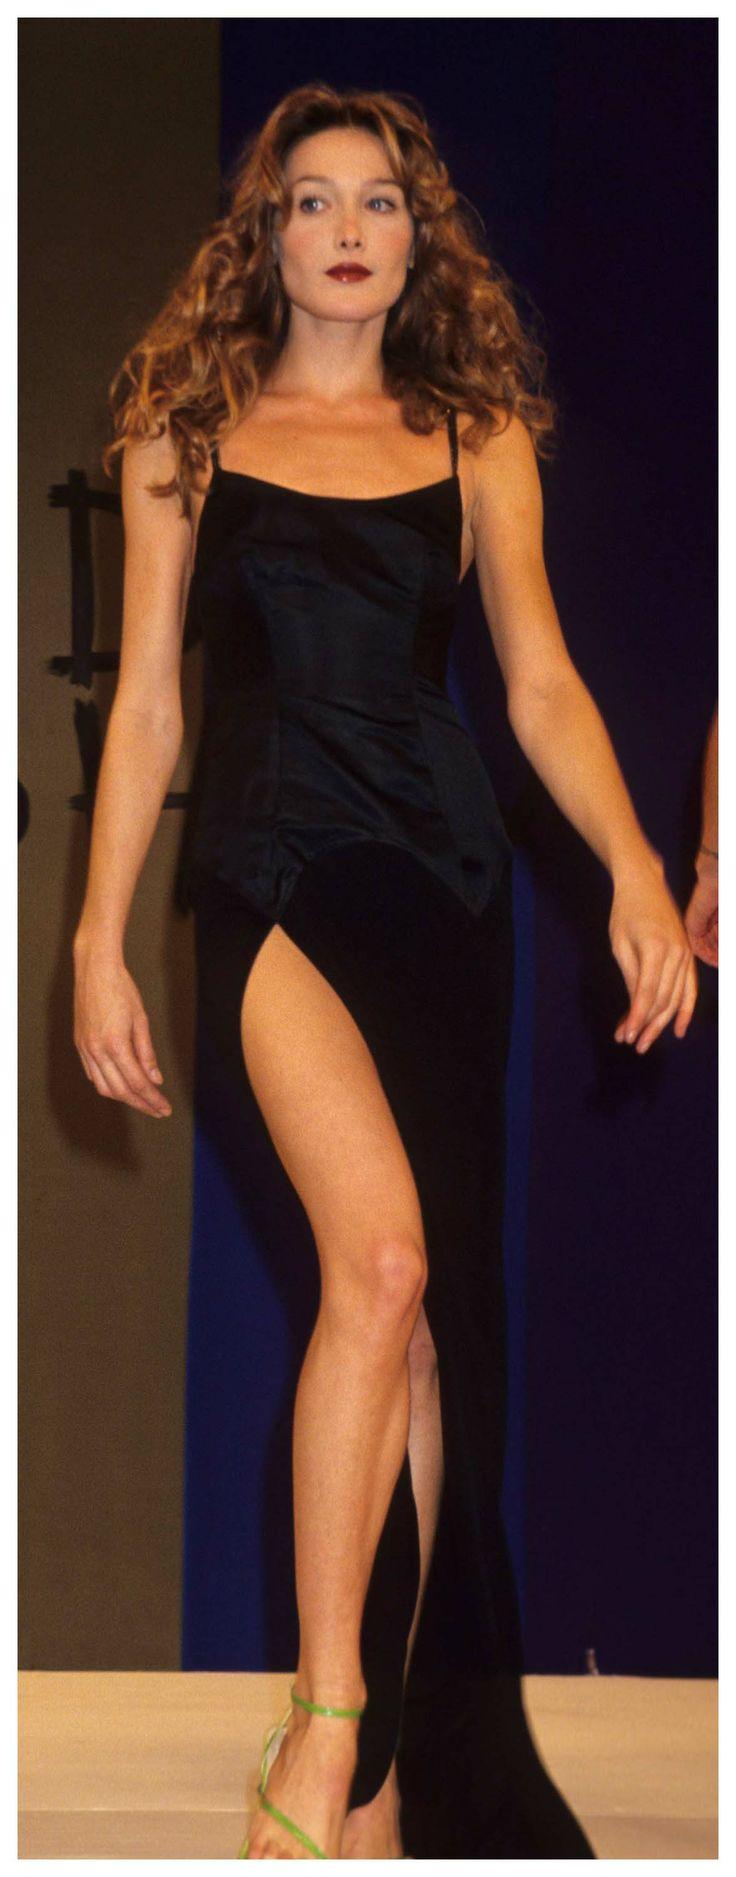 Fashion CV : Carla Bruni. #topmodel #MbyCristina #90s #teva